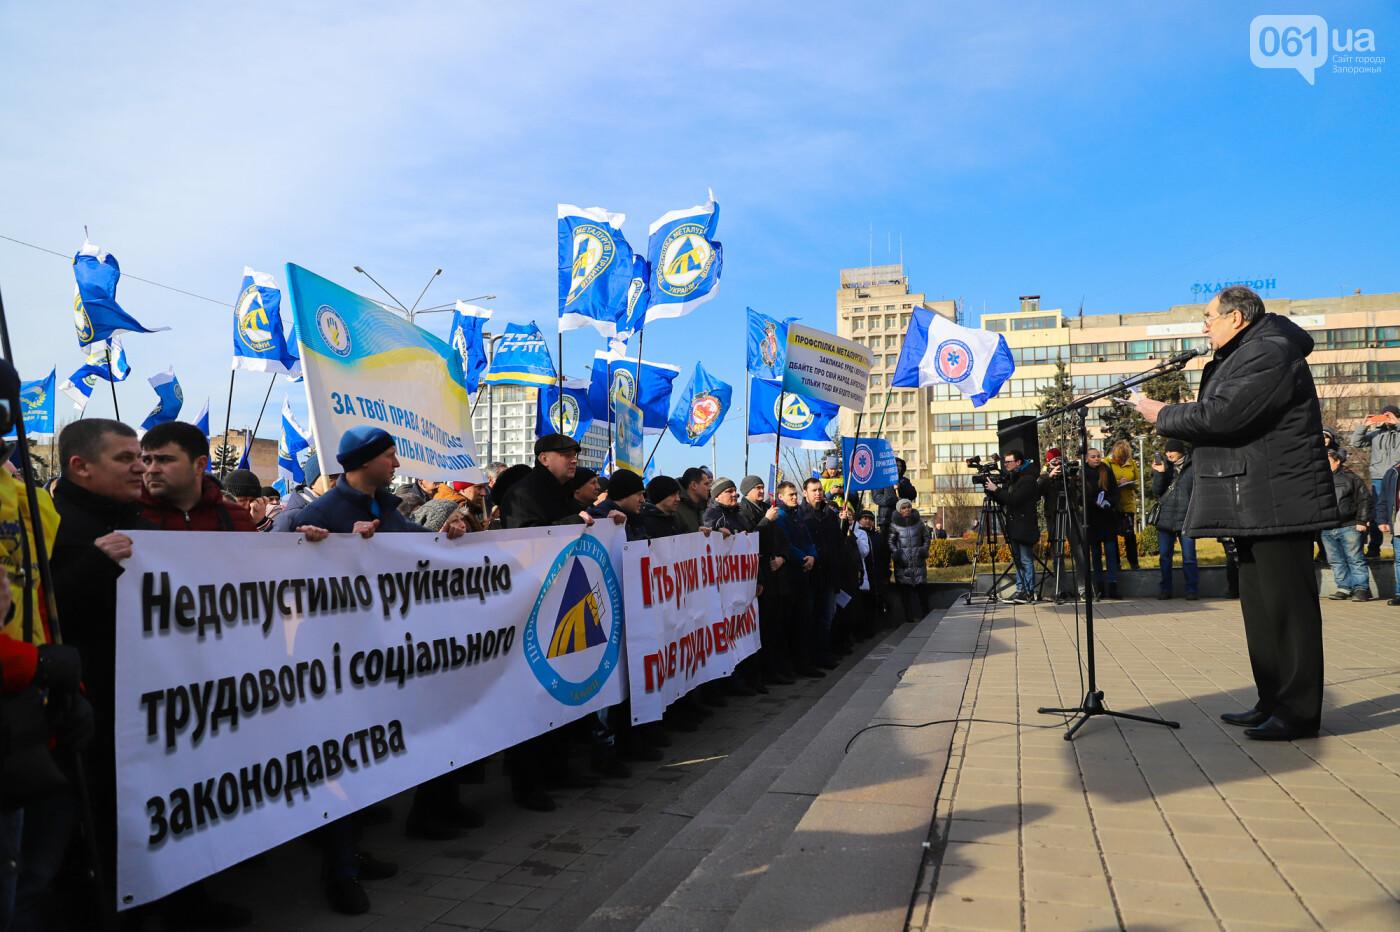 В Запорожье на протестную акцию профсоюзов «Волна гнева» вышло около 2000 человек, - ФОТОРЕПОРТАЖ, фото-11